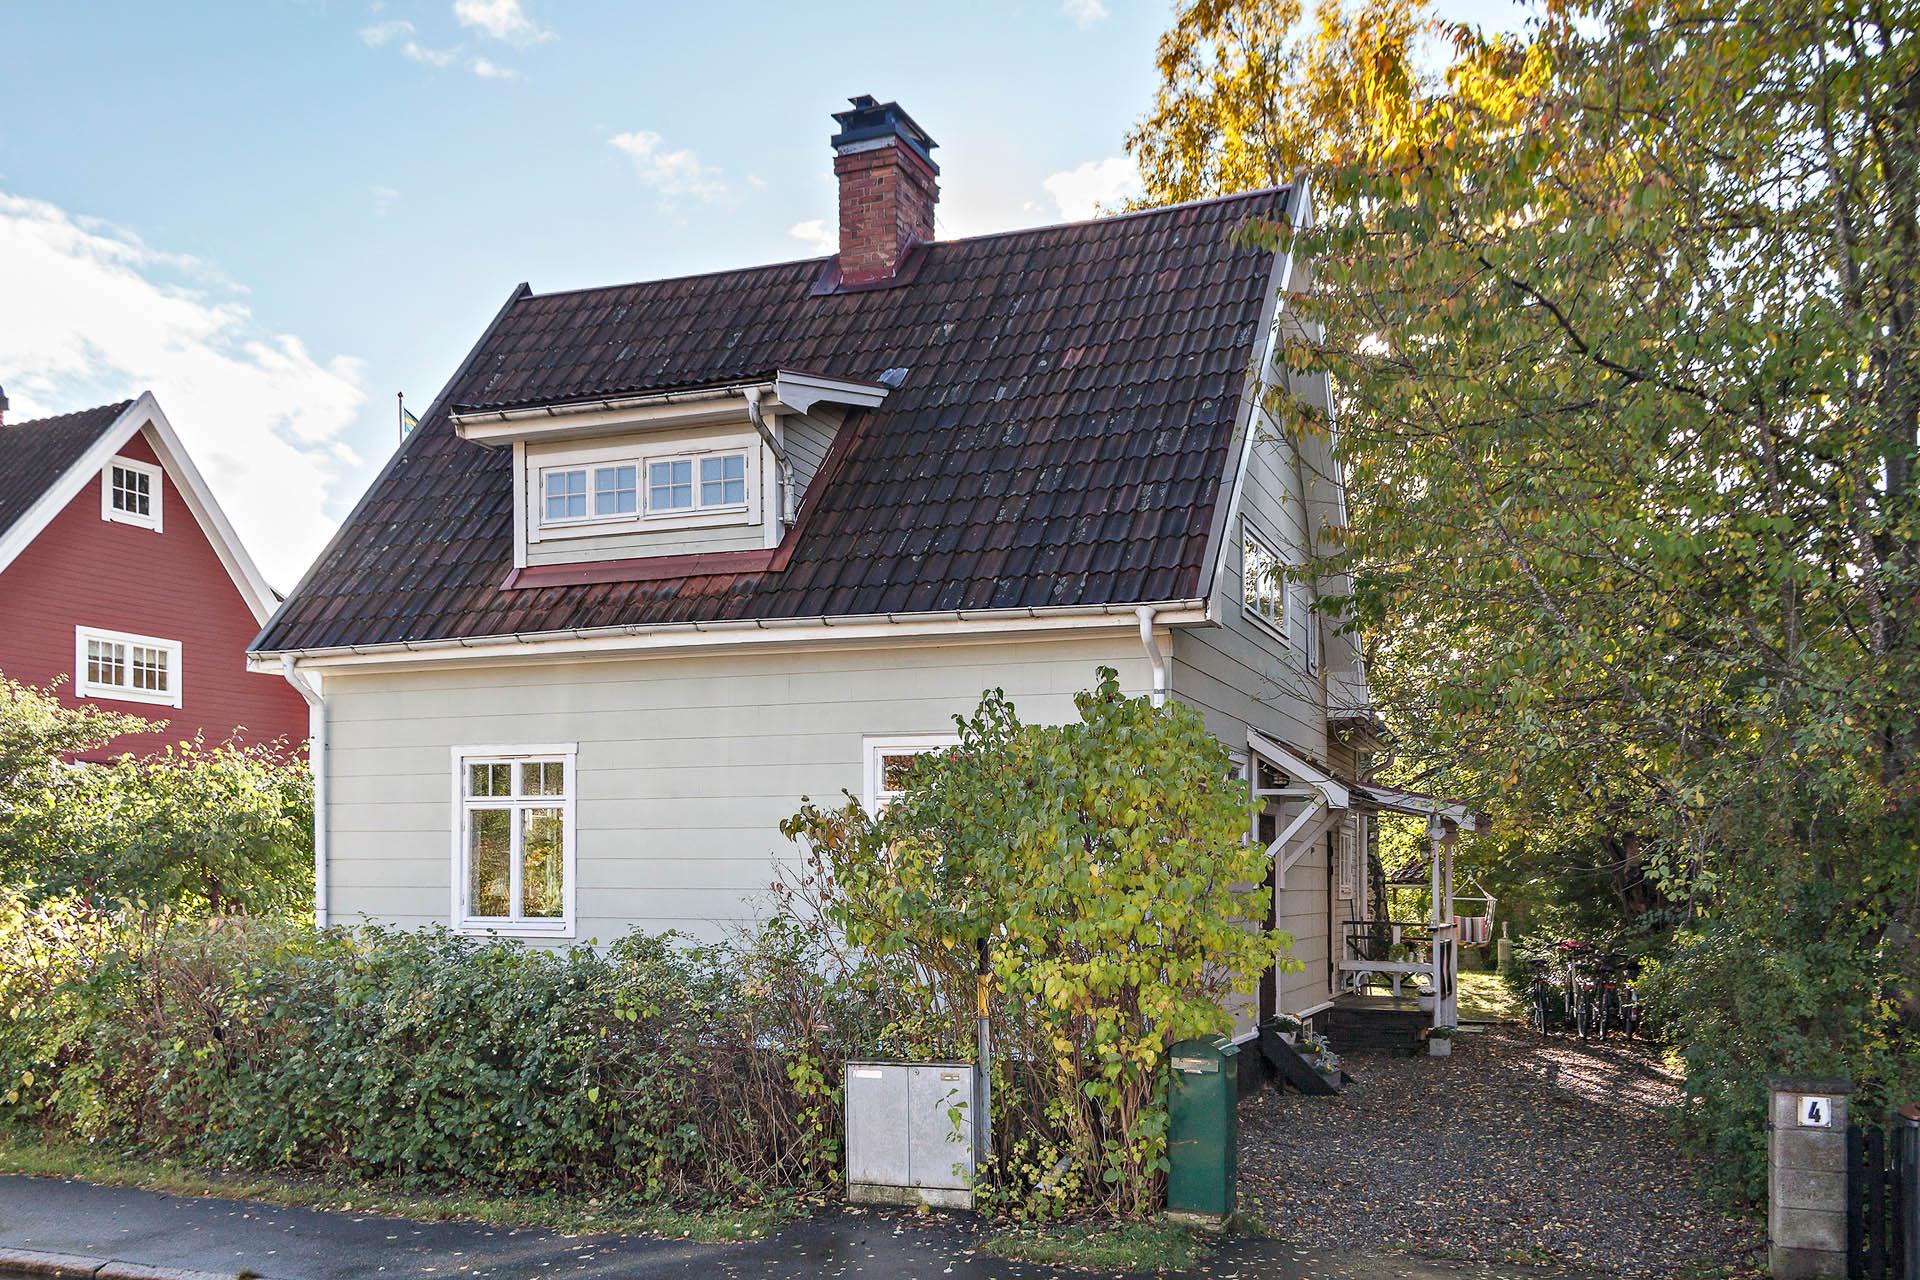 Ett av de ursprungliga Enskedevillorna.  Hustypen uppfördes som en modellstuga till Stockholmsutställningen  1909 i syfte att göra reklam för Enskedes trädgårdsstad.